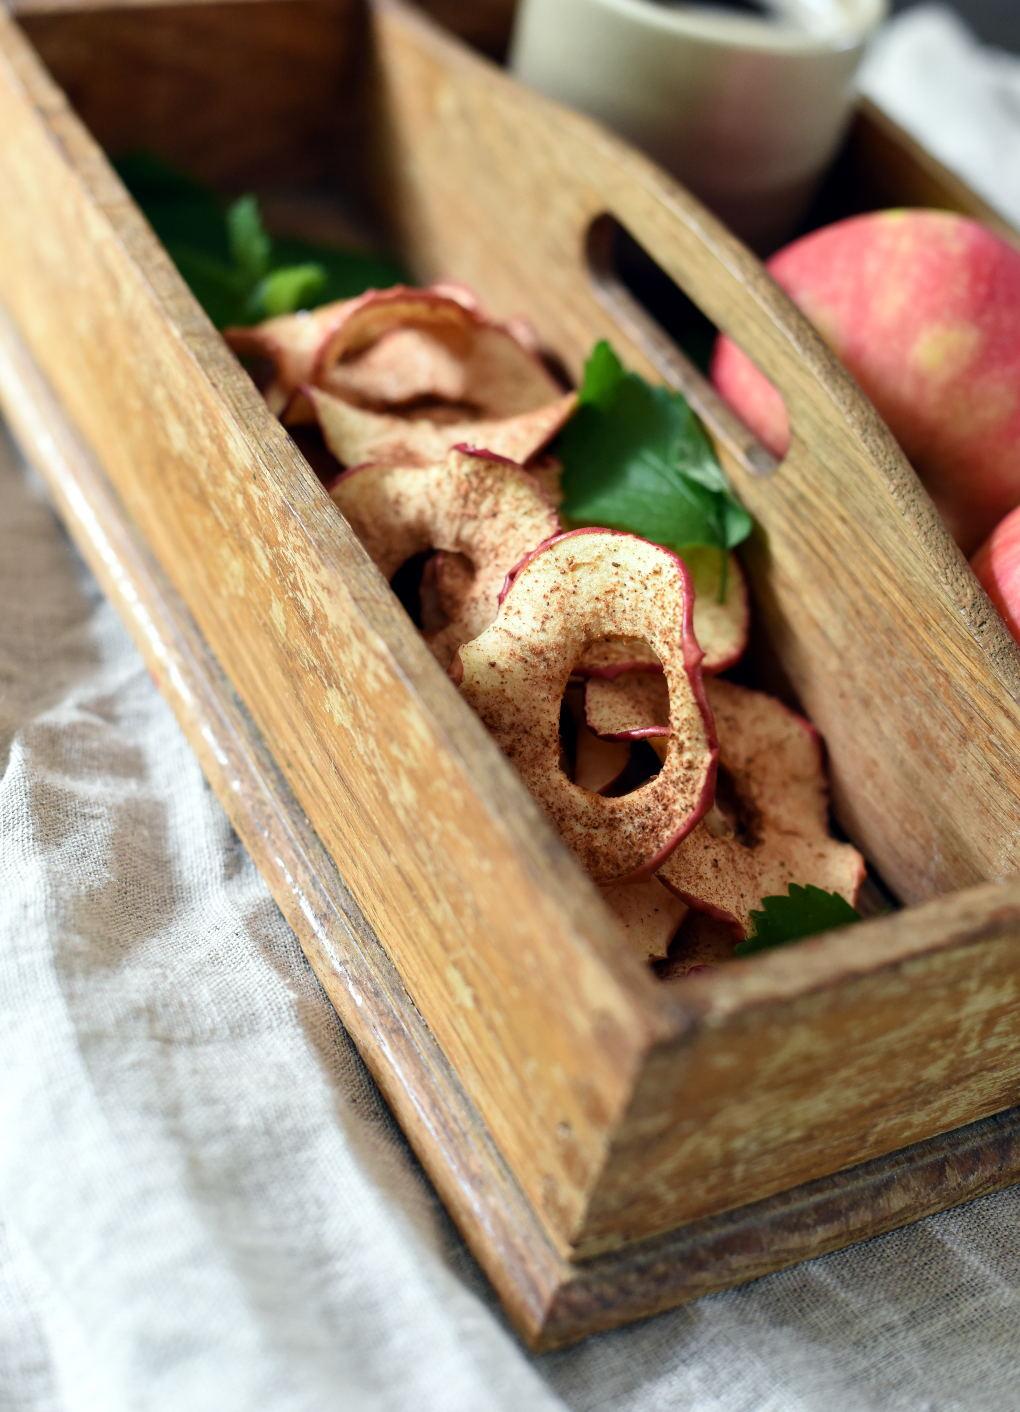 Ovnsbakte eplechips med kanel